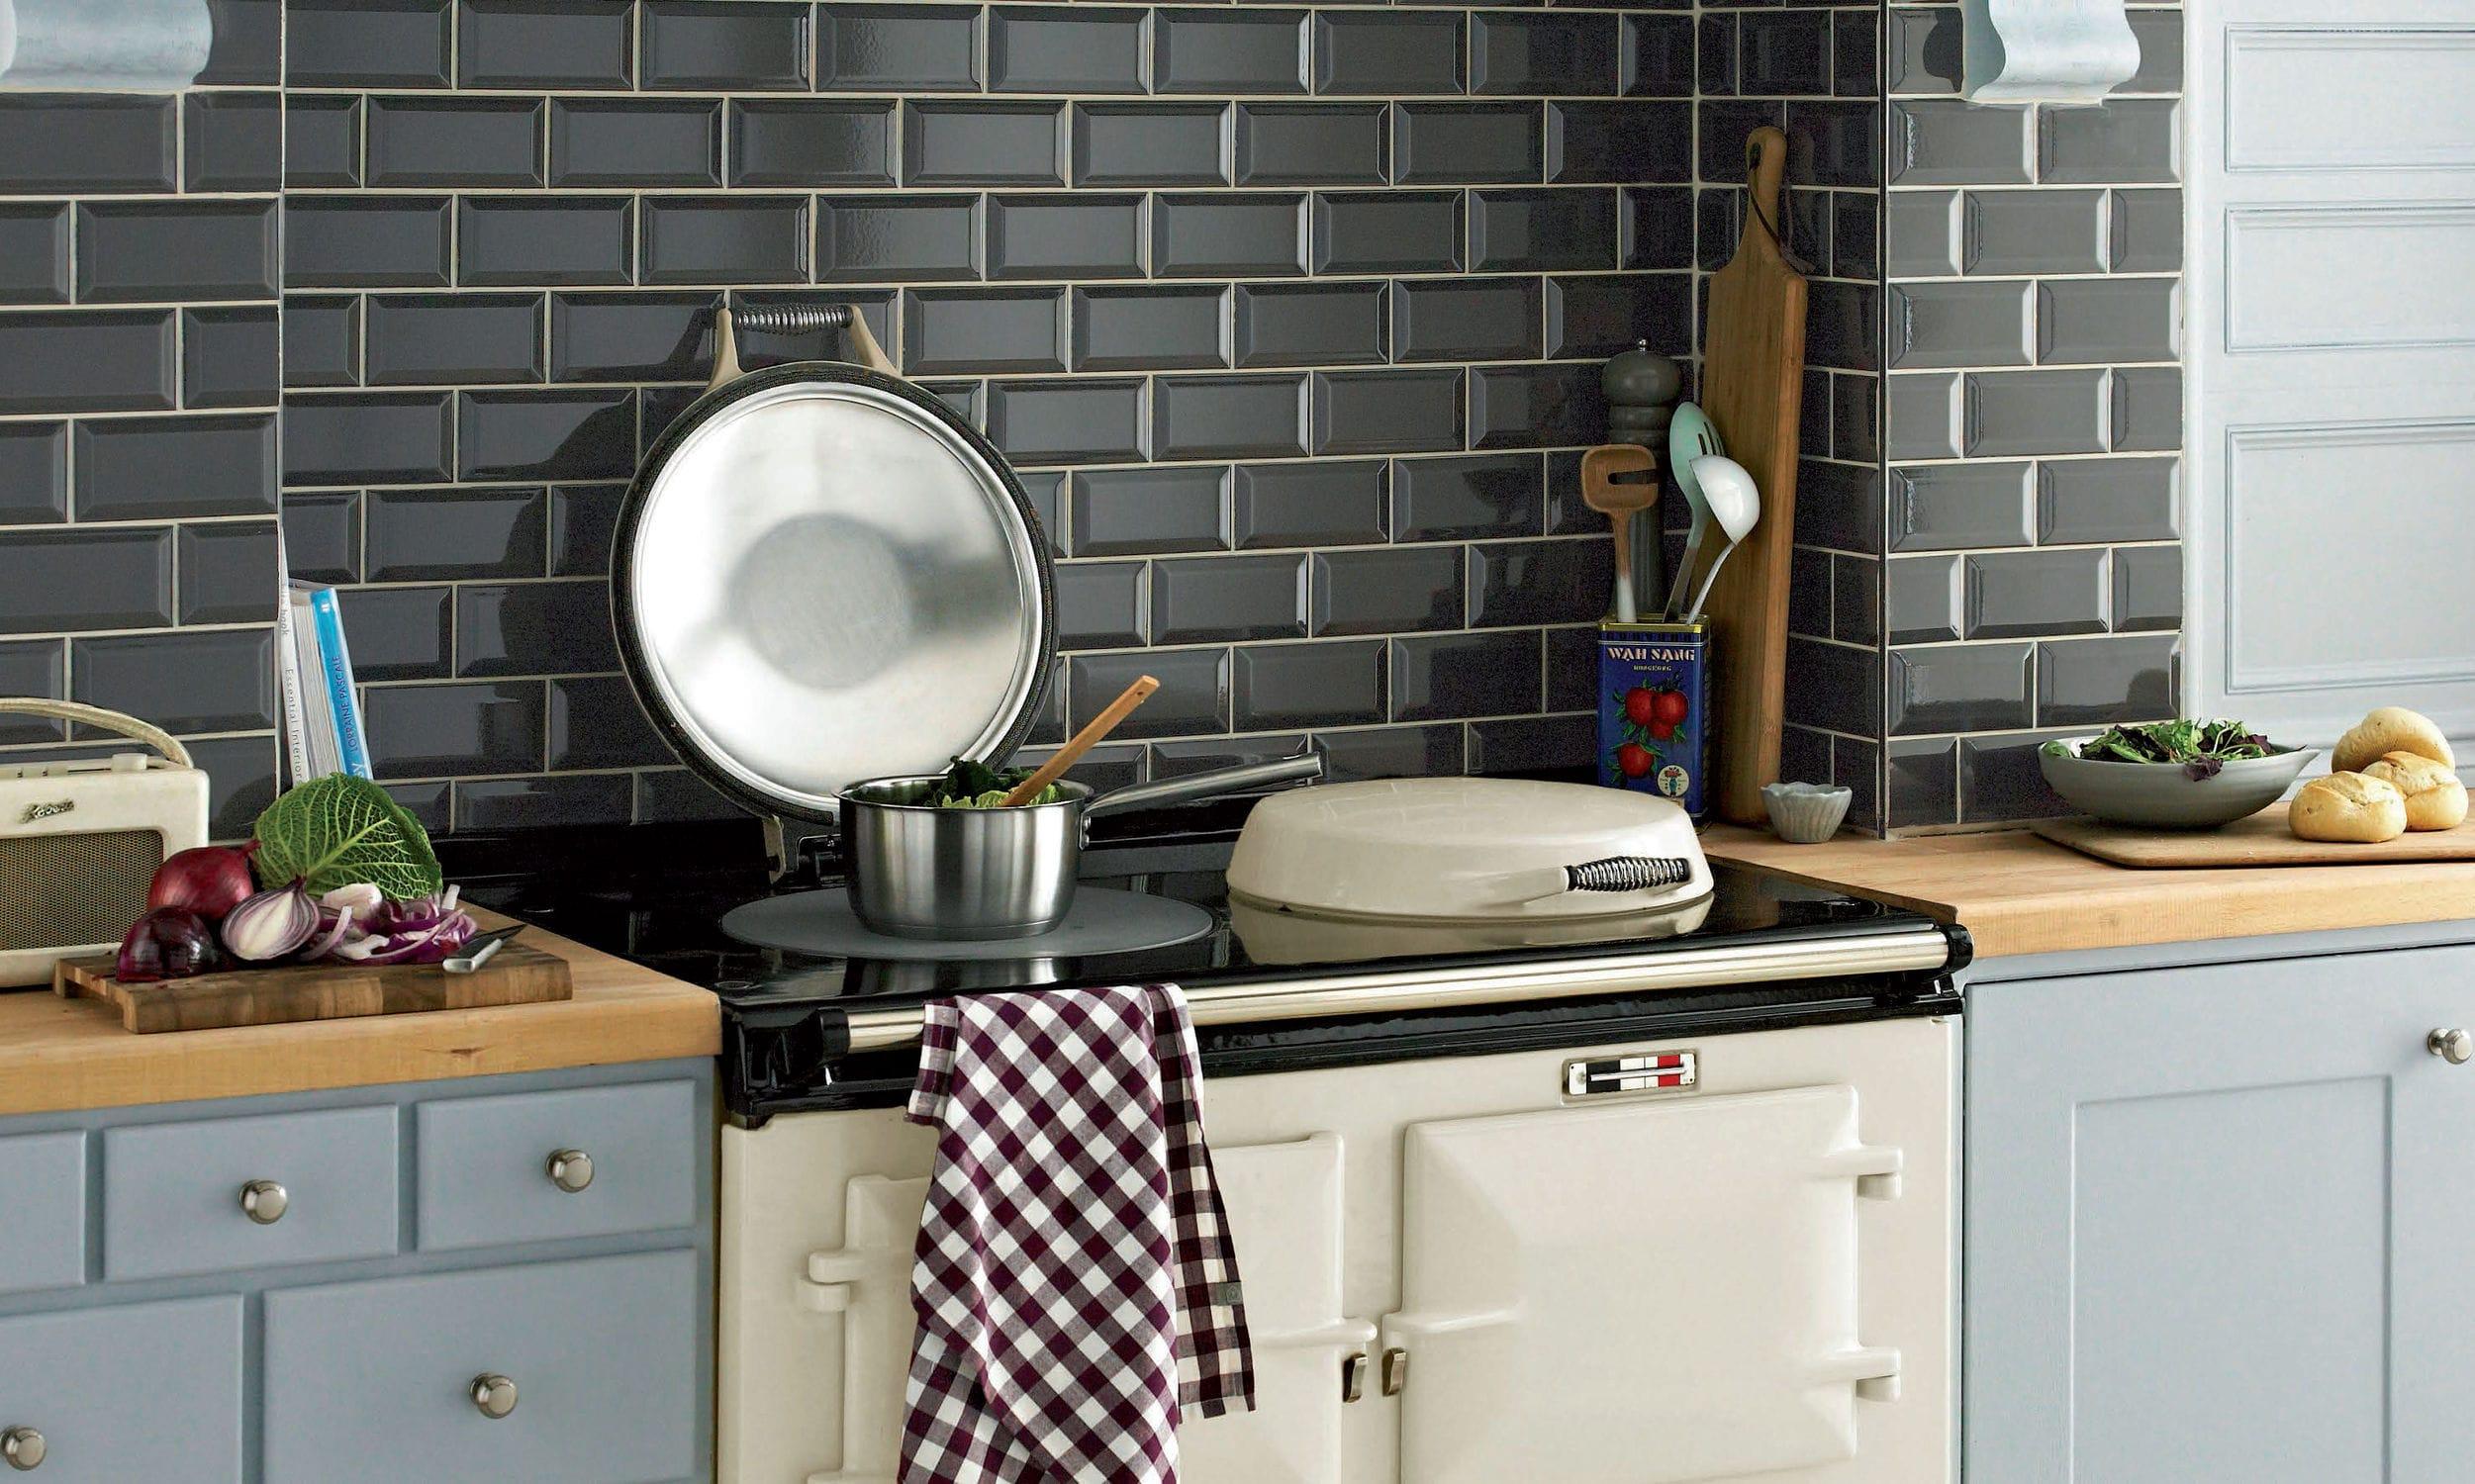 Fliesen Fur Badezimmer Kuchen Wohnzimmer Wand Metro Cevica